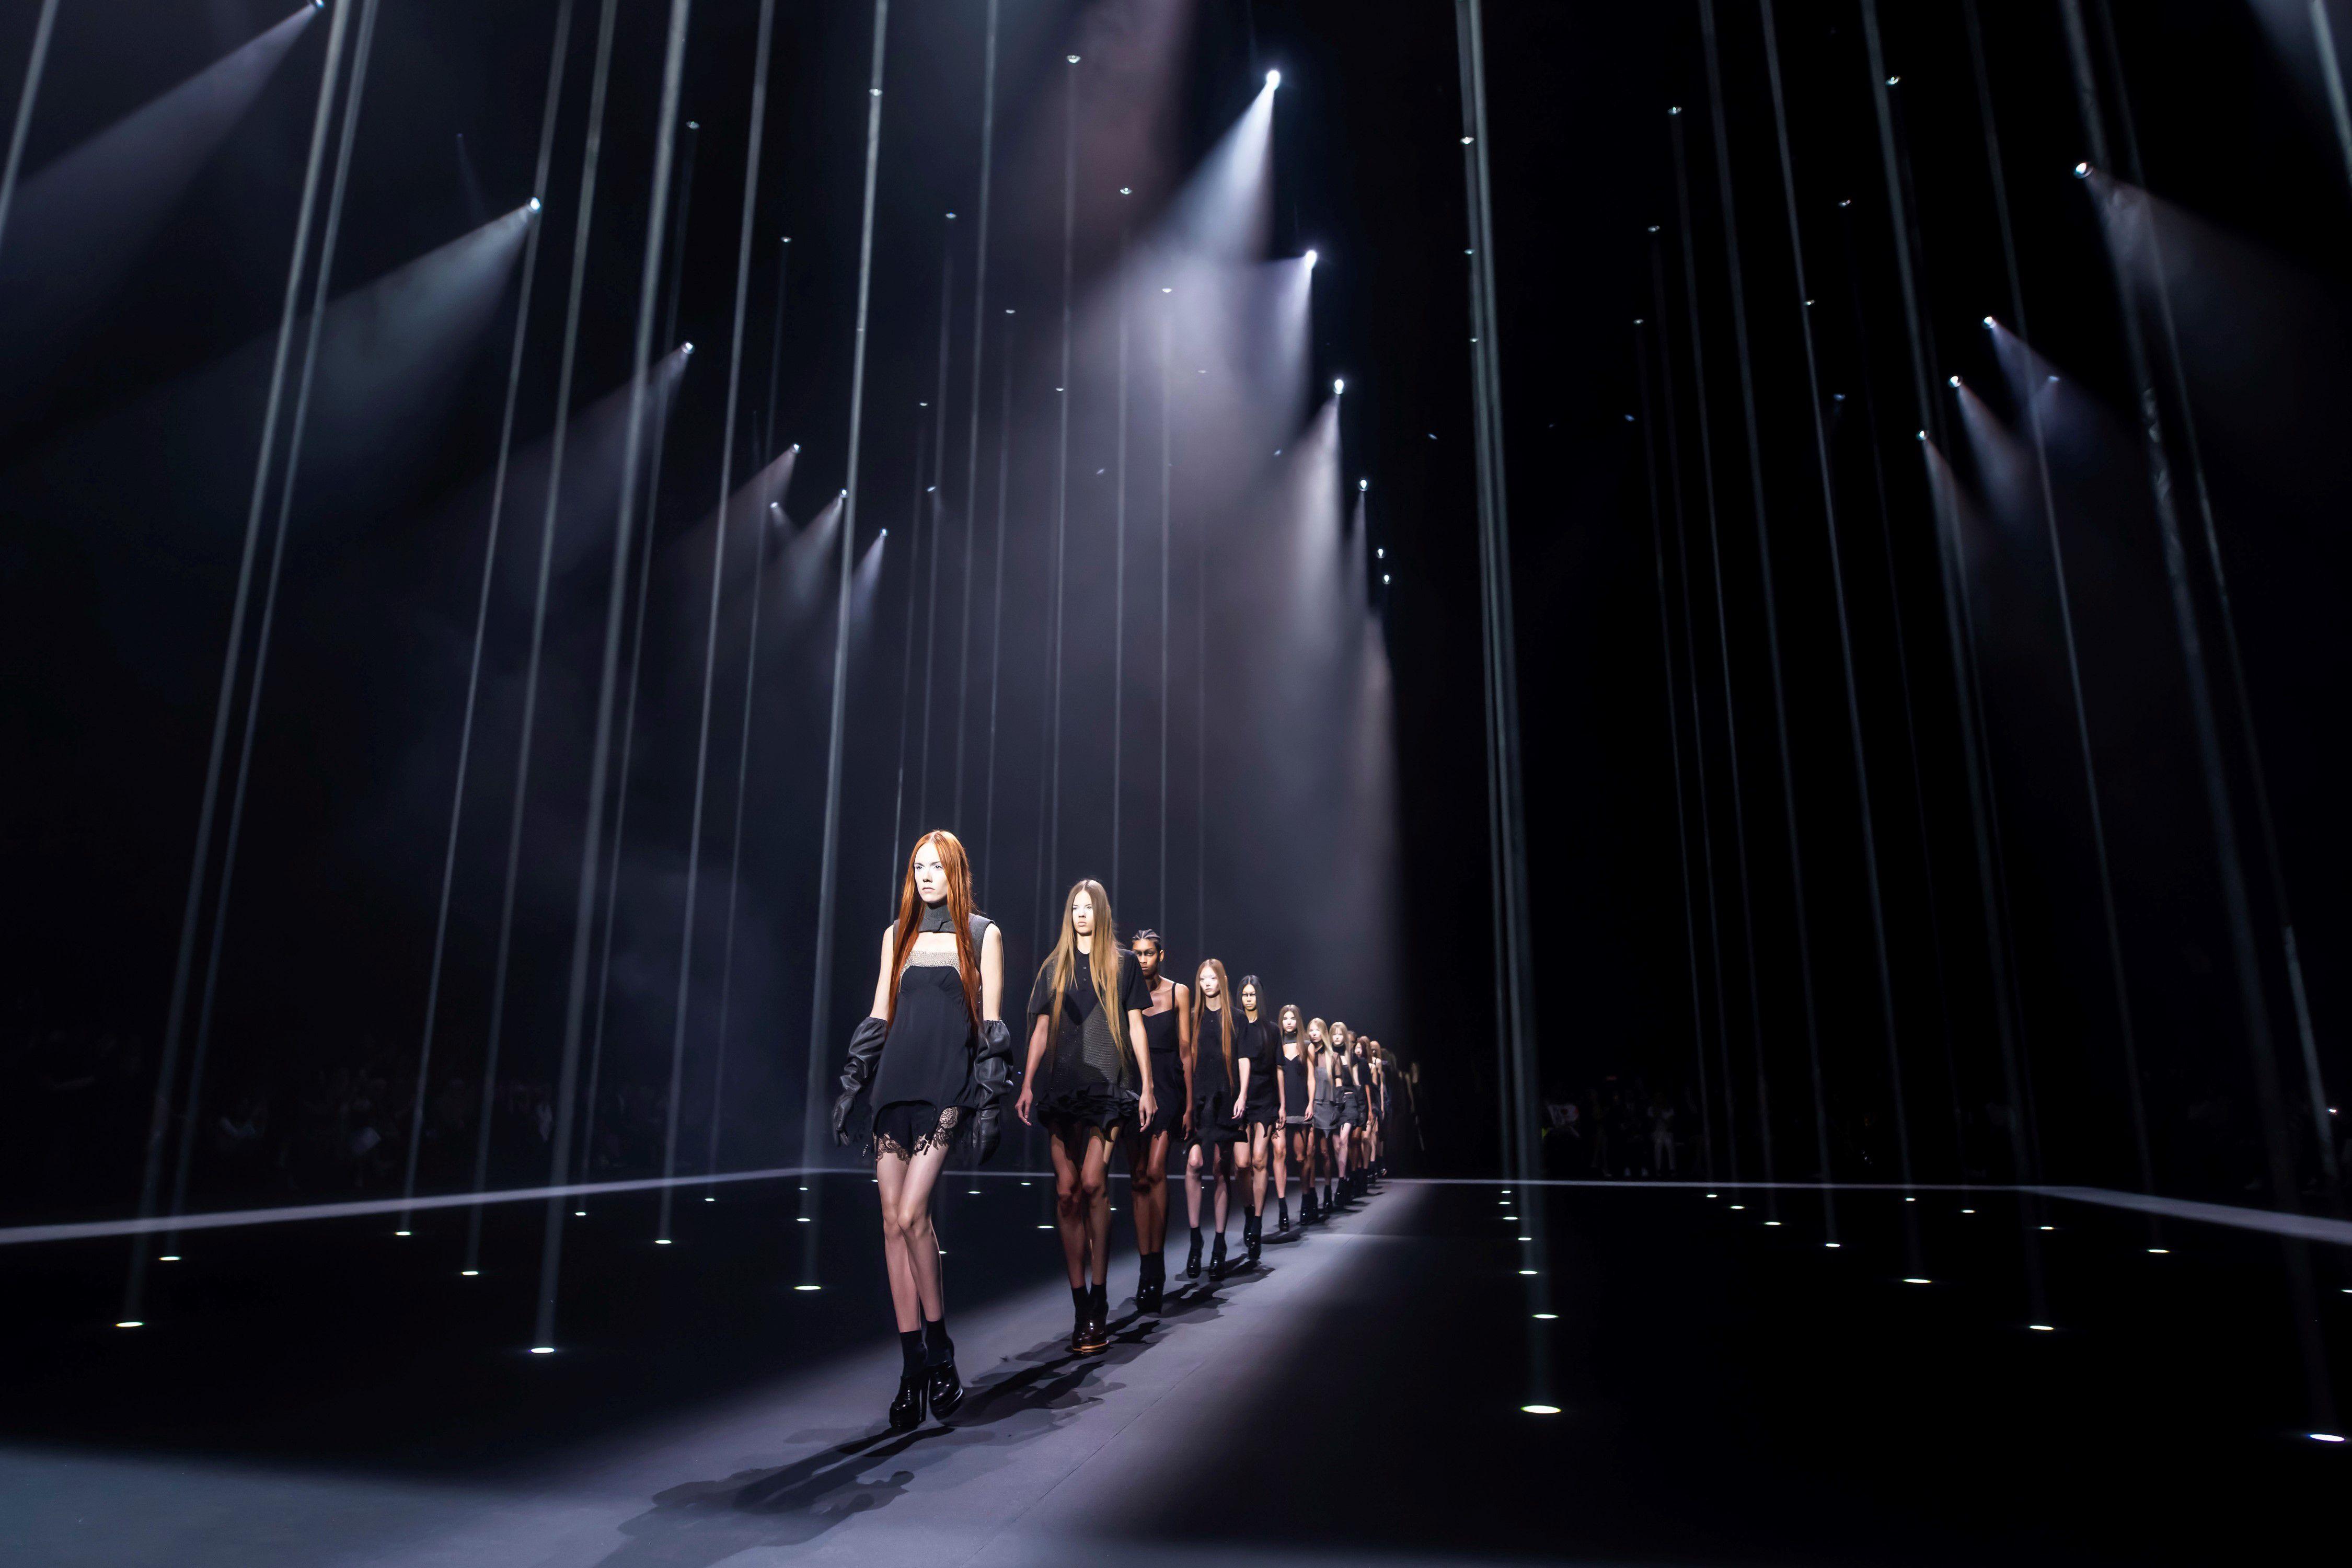 La colección de Carolina Herrera, durante la Fashion Week de 2019.